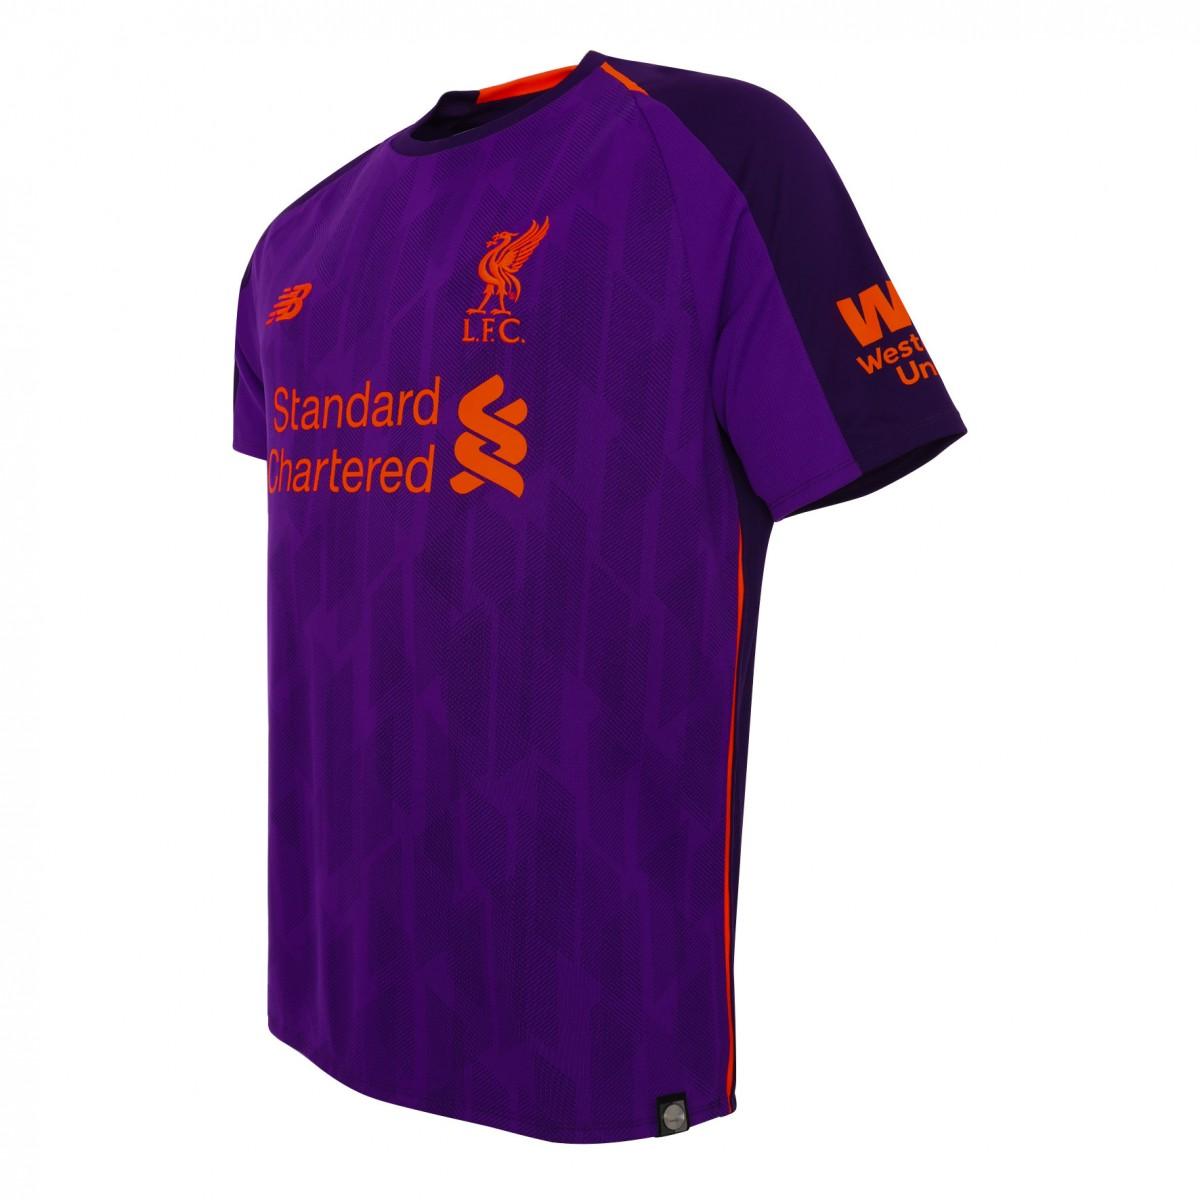 ae1b0150d6c Liverpool 2018 19 Away Shirt Soccer Jersey Men ...